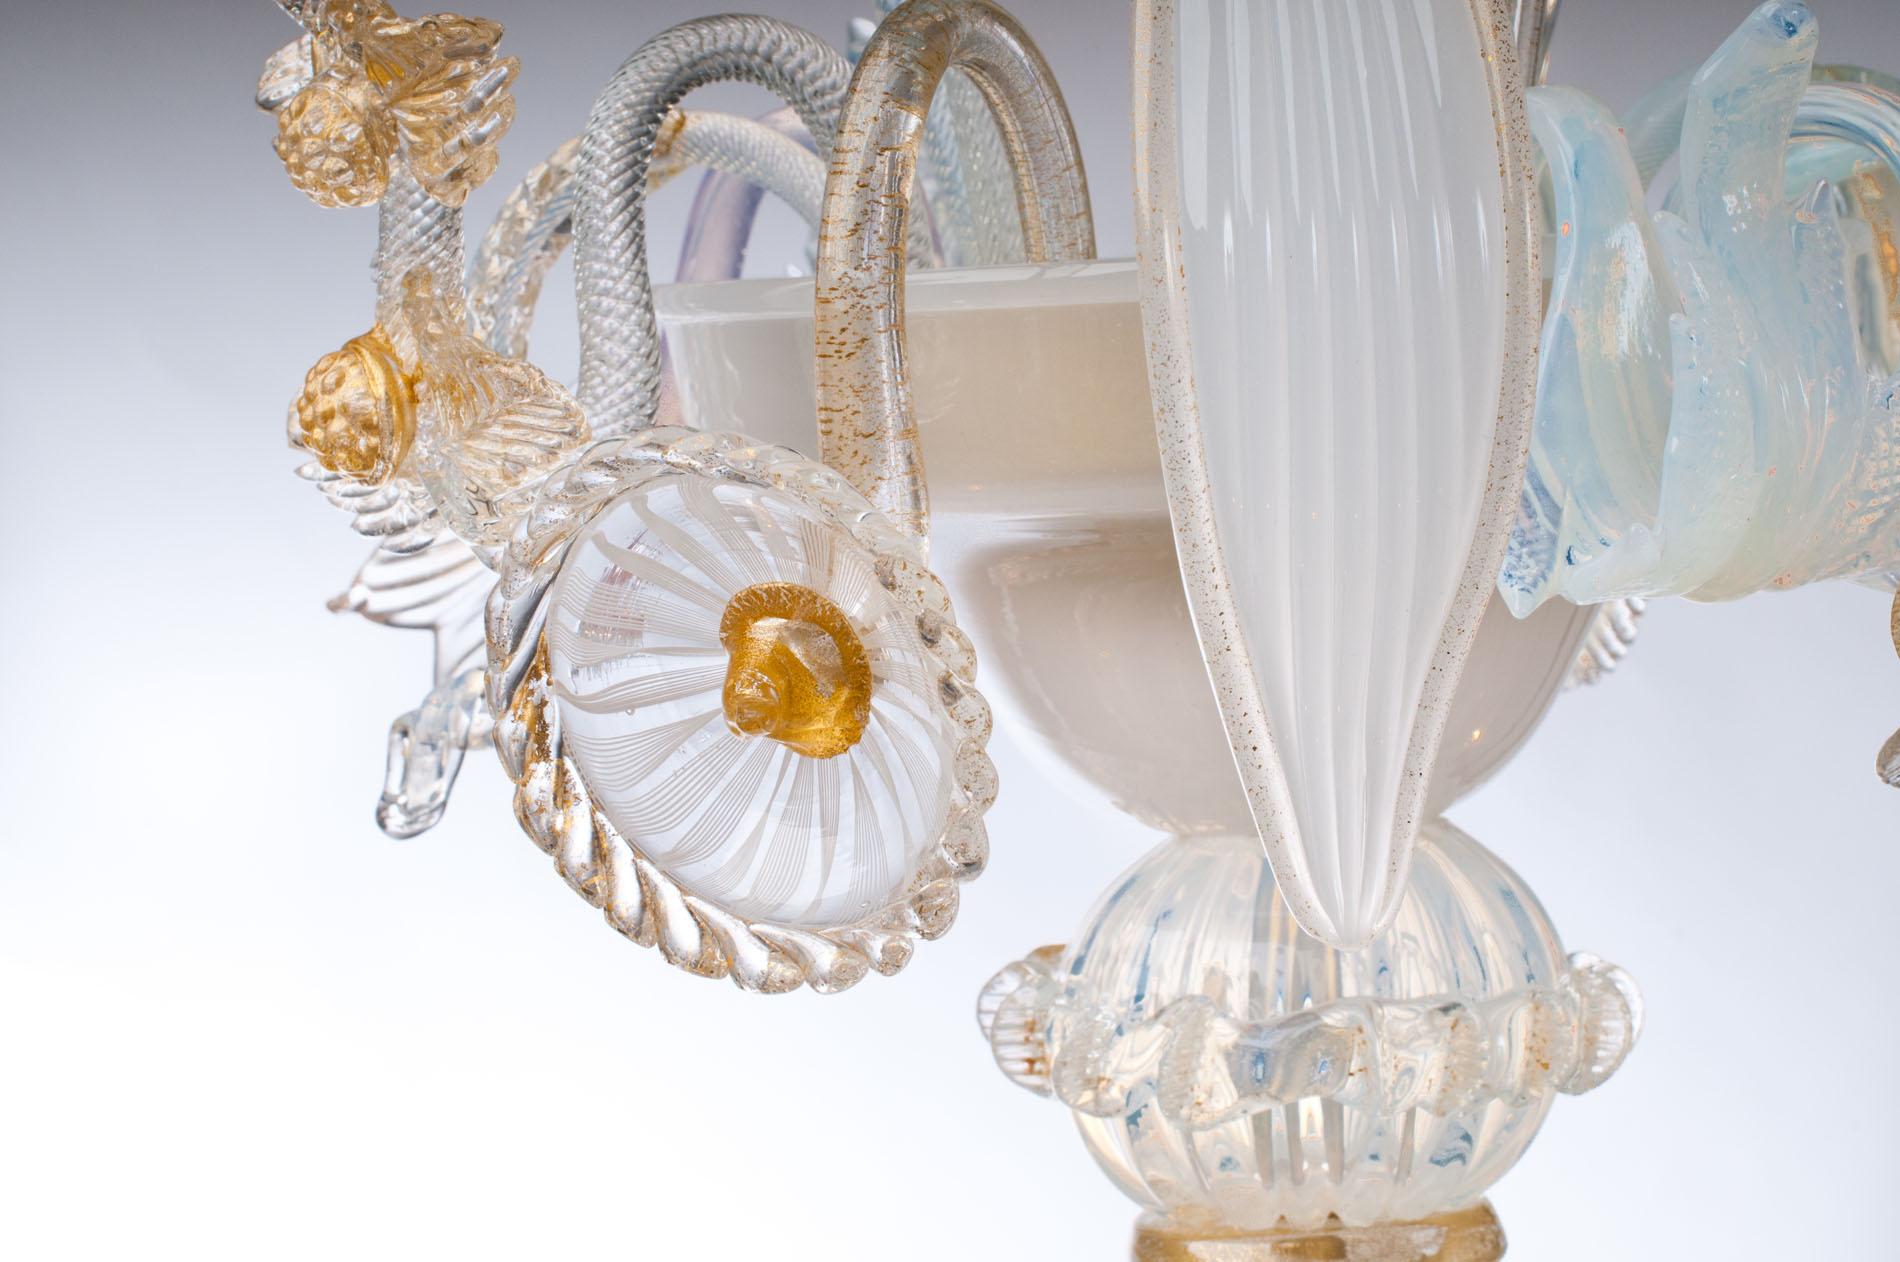 noel-christmas-chandelier-lustre-2012-veronese-4.jpg